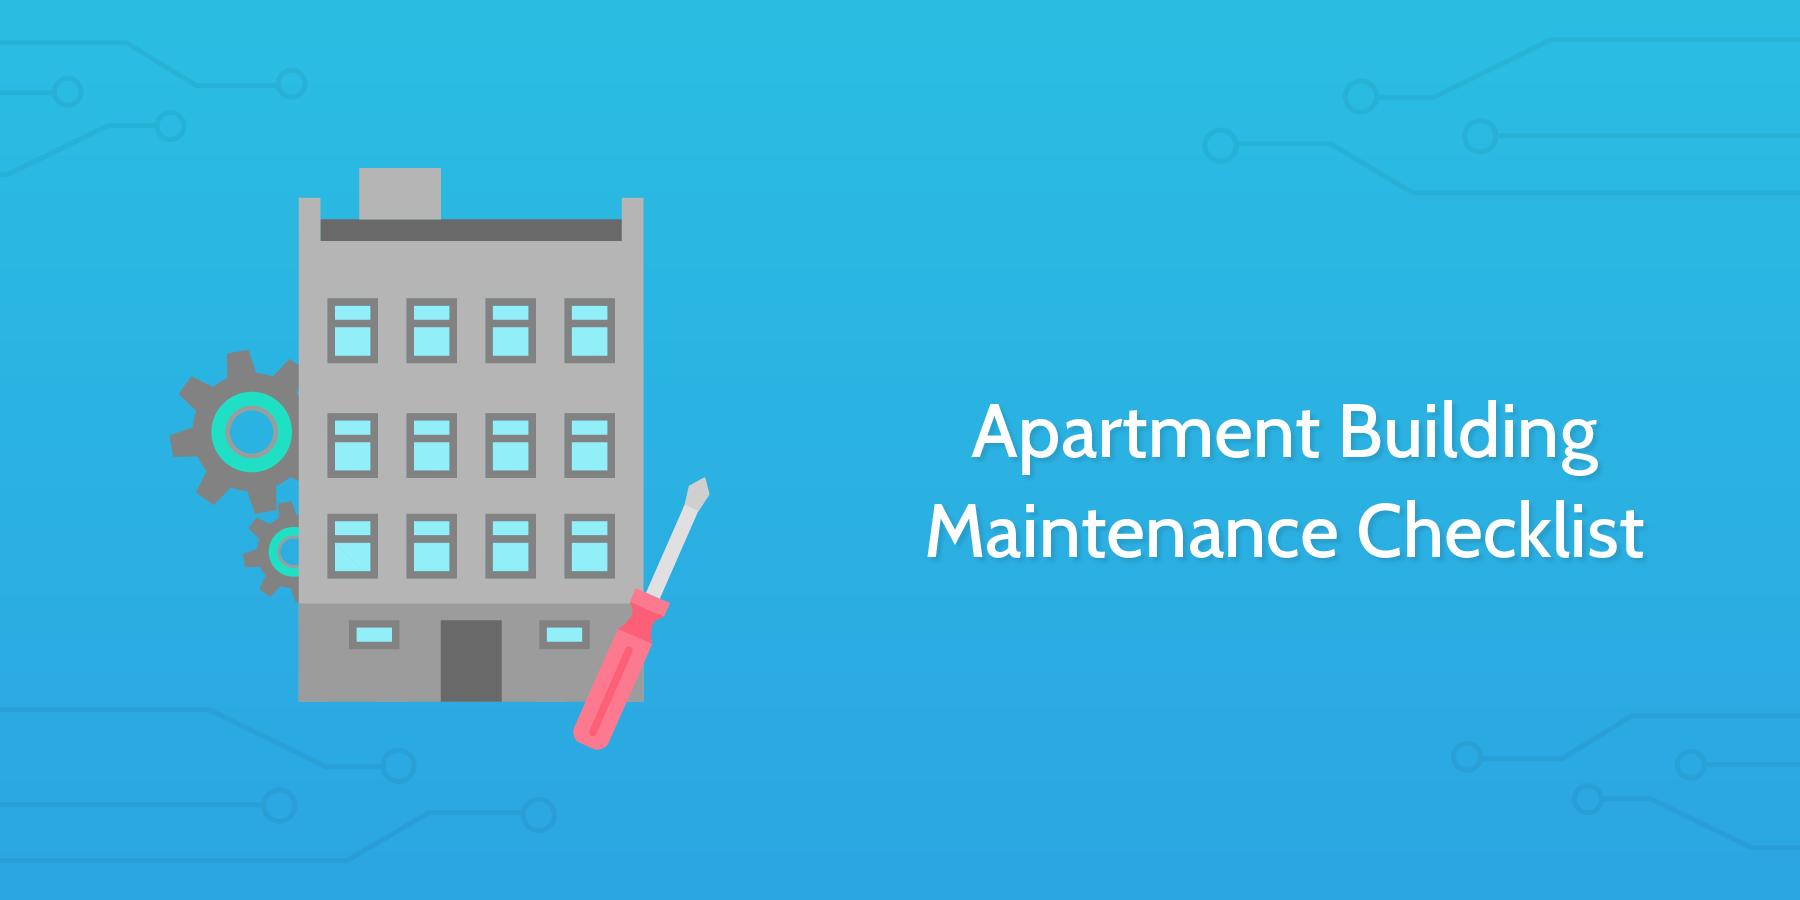 apartment building maintenance checklist